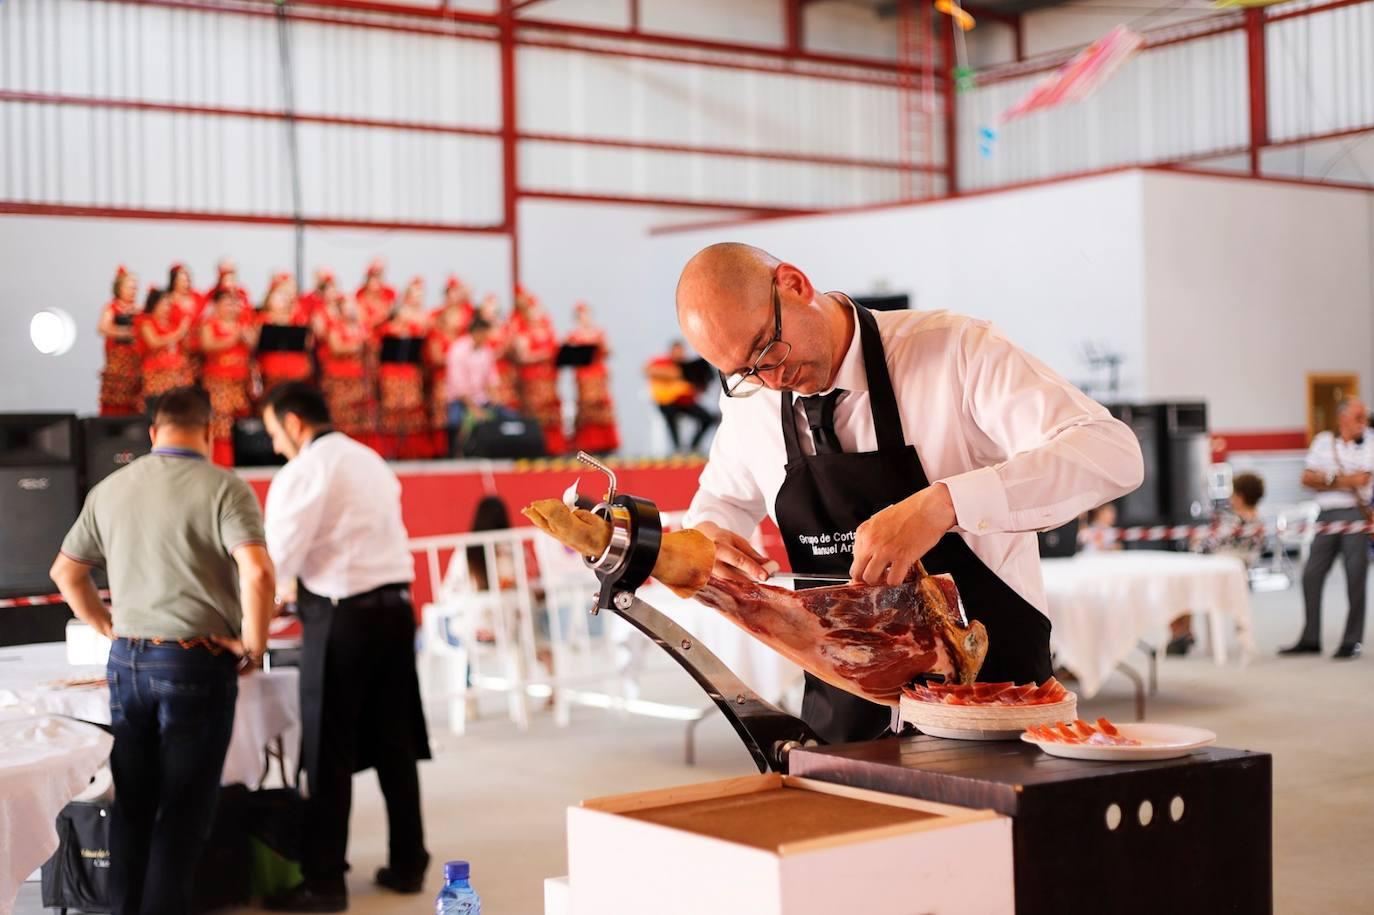 Los mejores cortadores de jamón de España participan en un concurso en Huétor Tájar